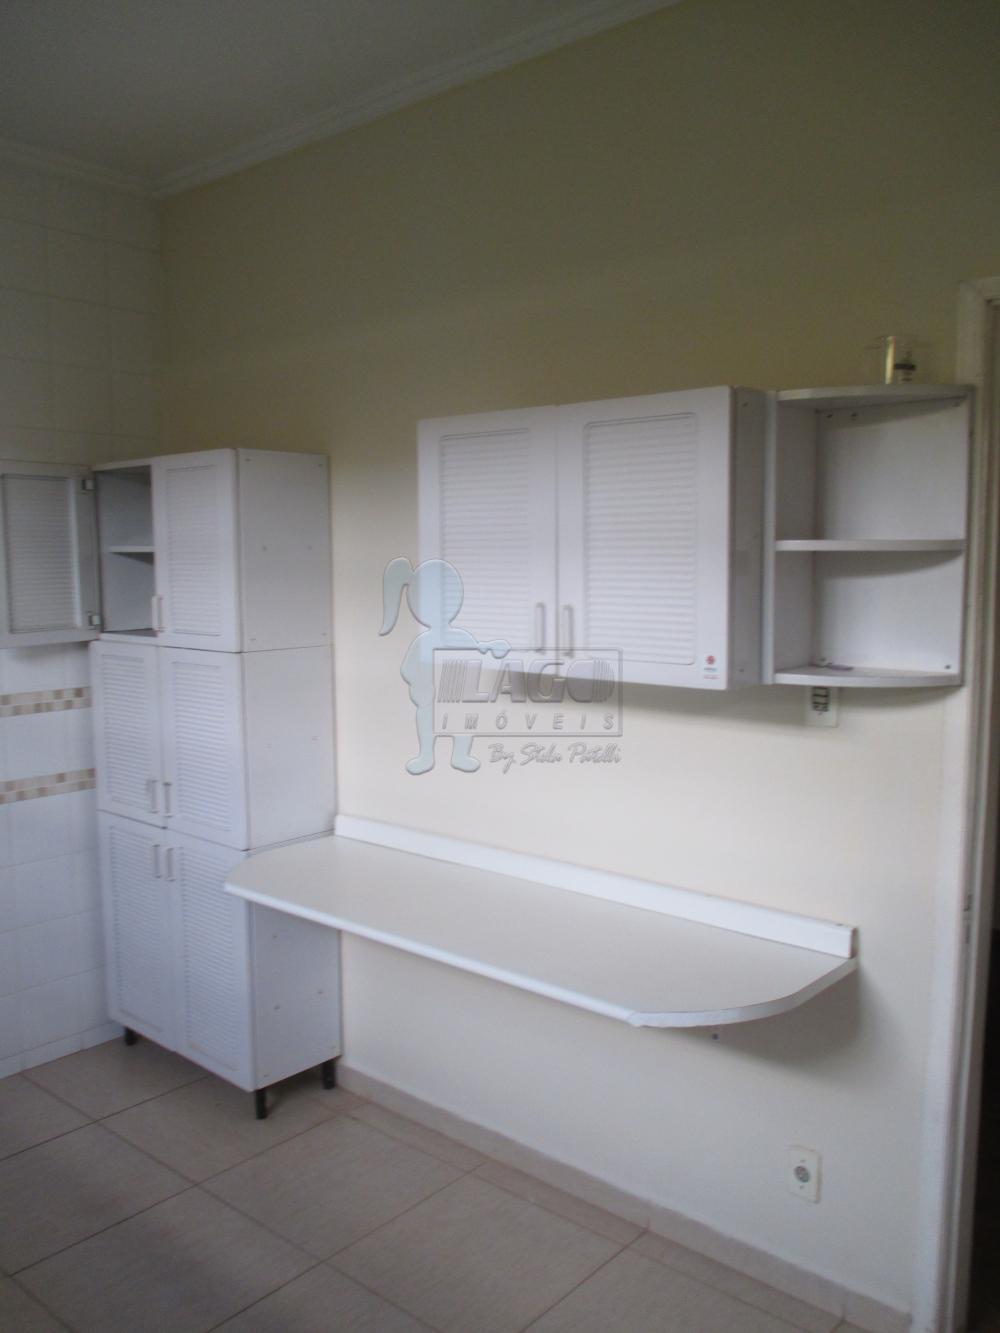 Alugar Casas / Padrão em Ribeirão Preto apenas R$ 1.500,00 - Foto 7